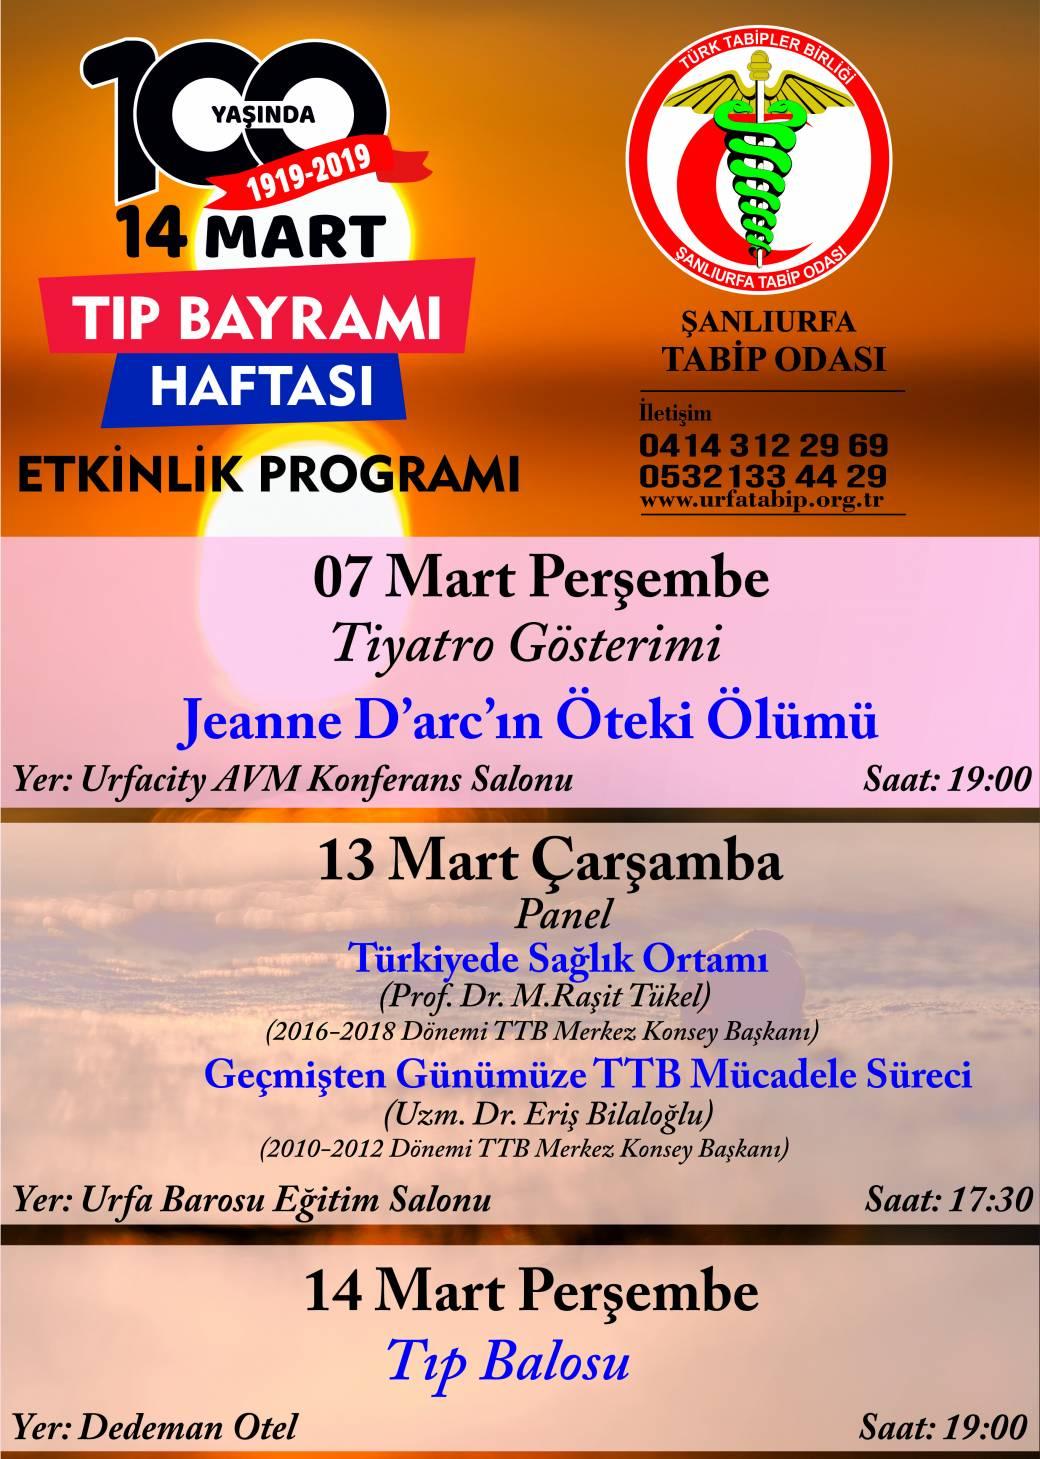 Şanlurfa Tabip Odası 14 Mart Haftası Etkinlikleri